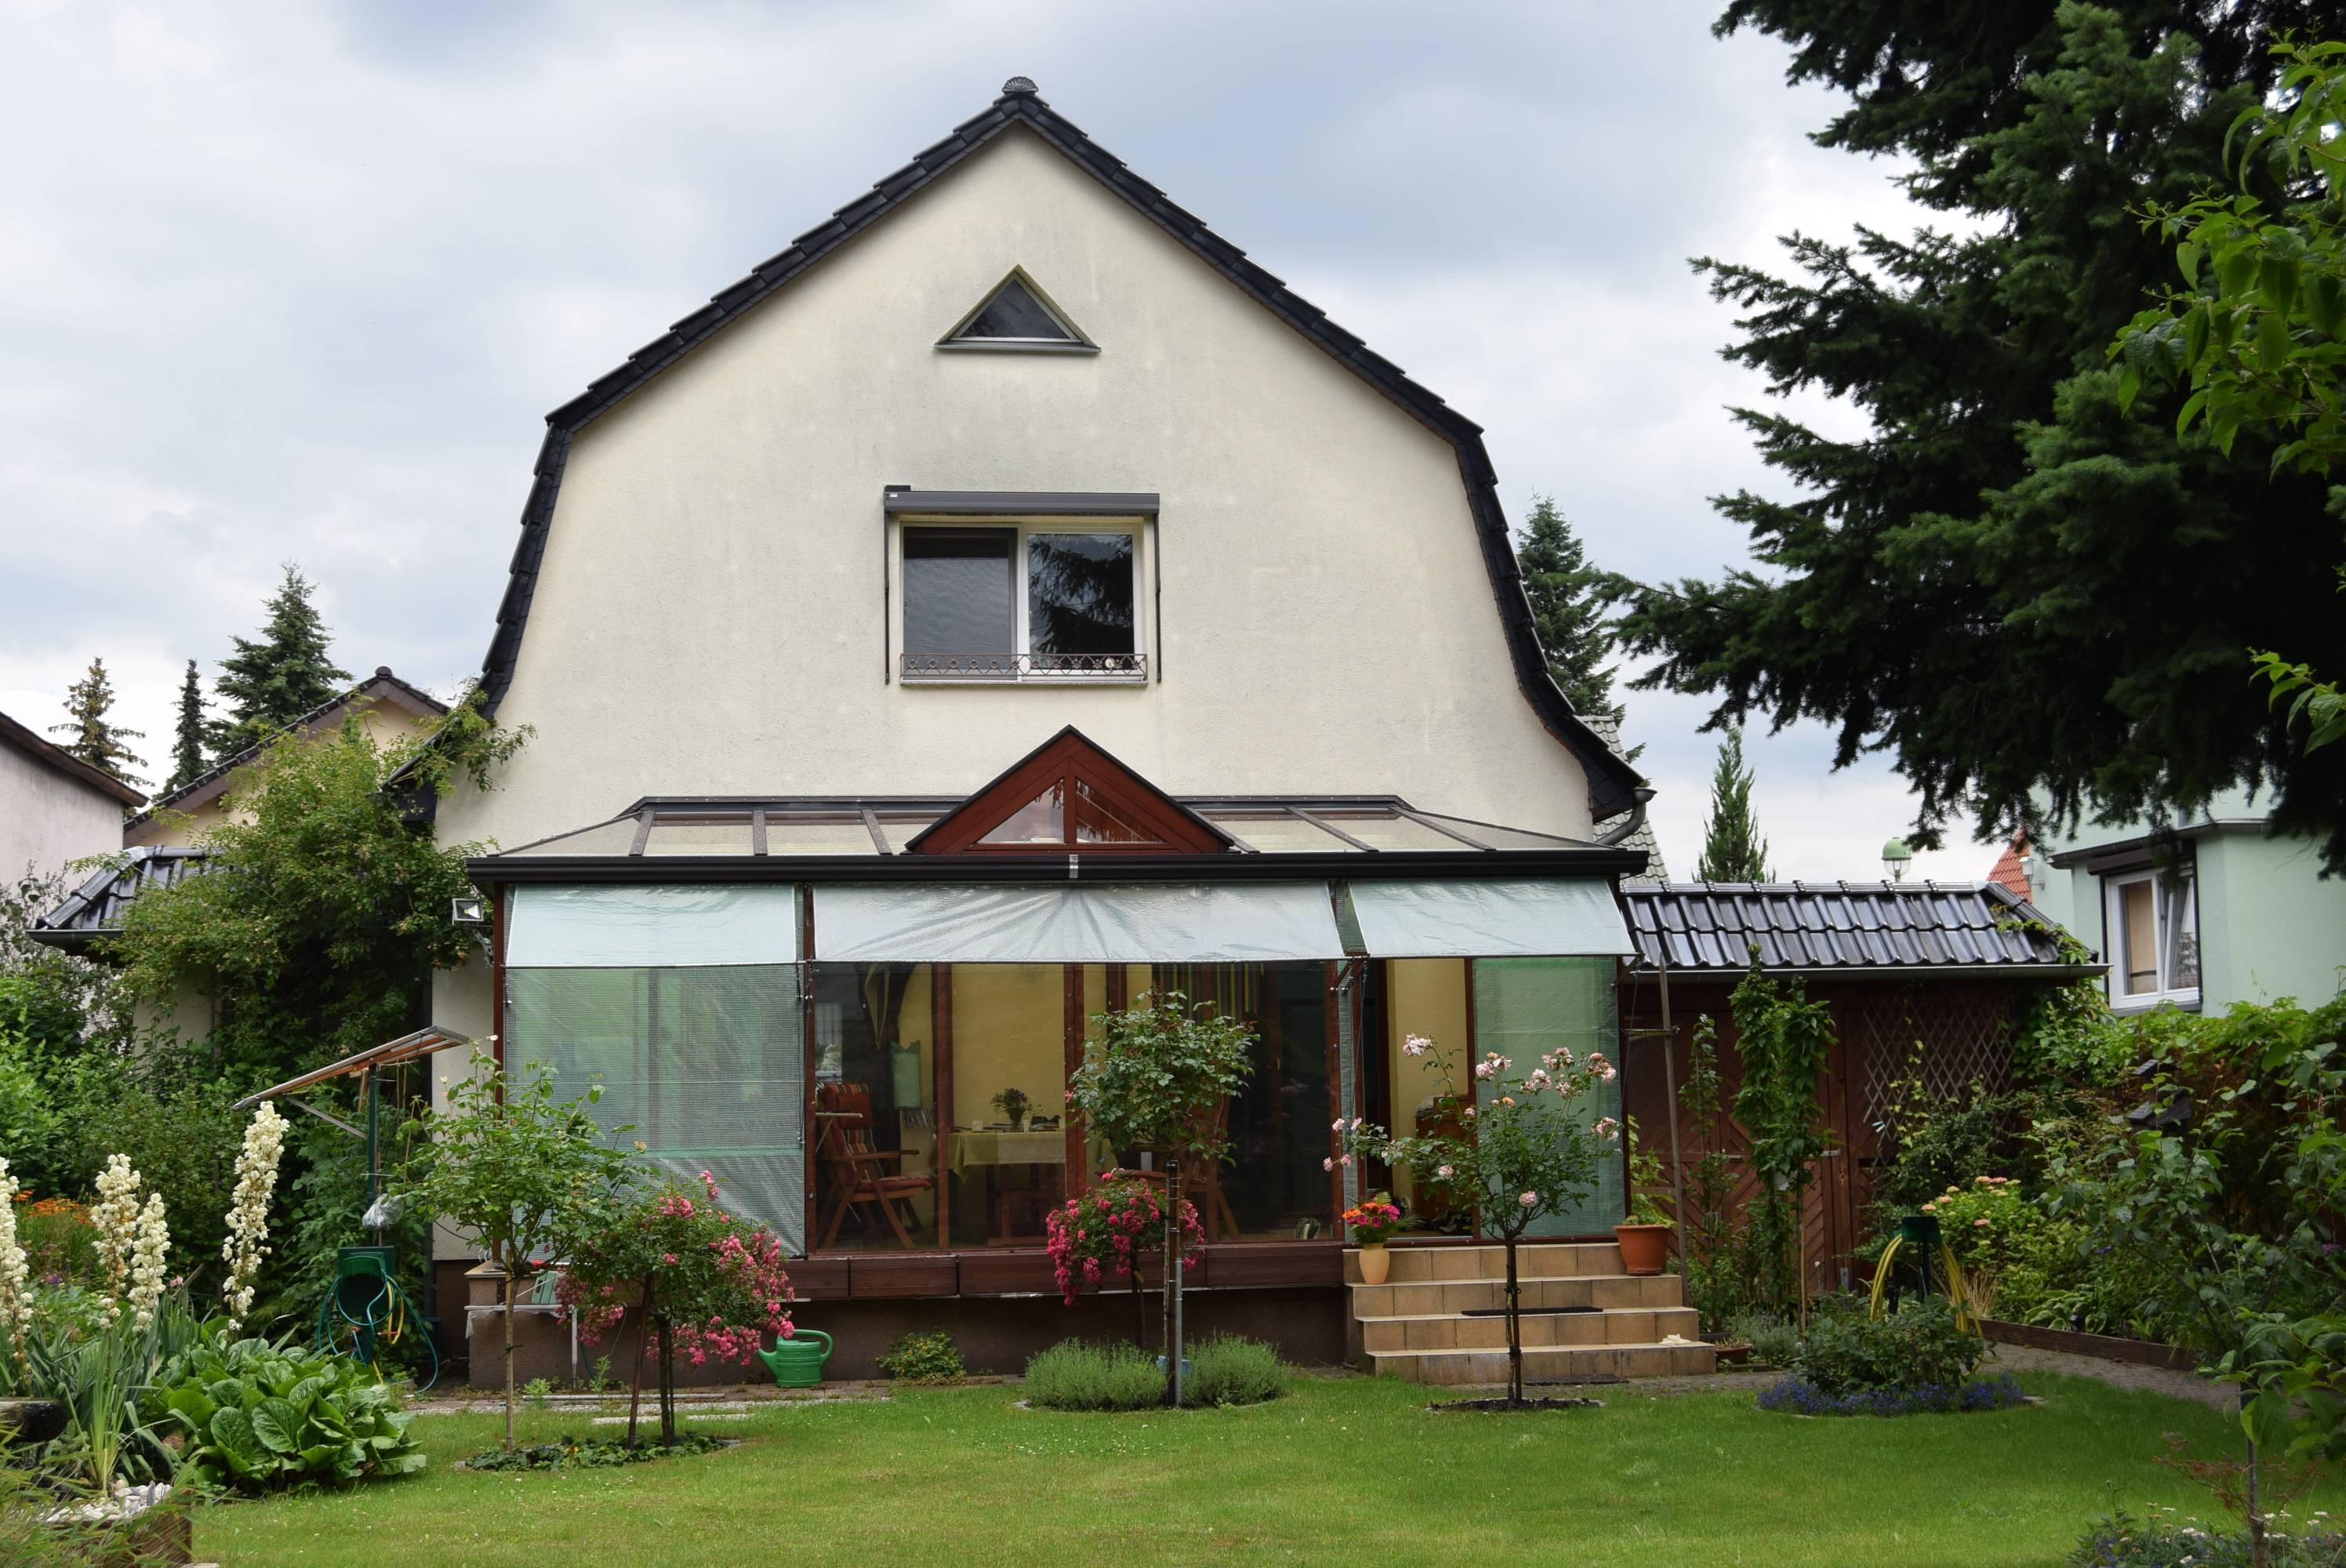 Immobilienverkauf Einfamilienhaus Berlin Friedrichsfelde